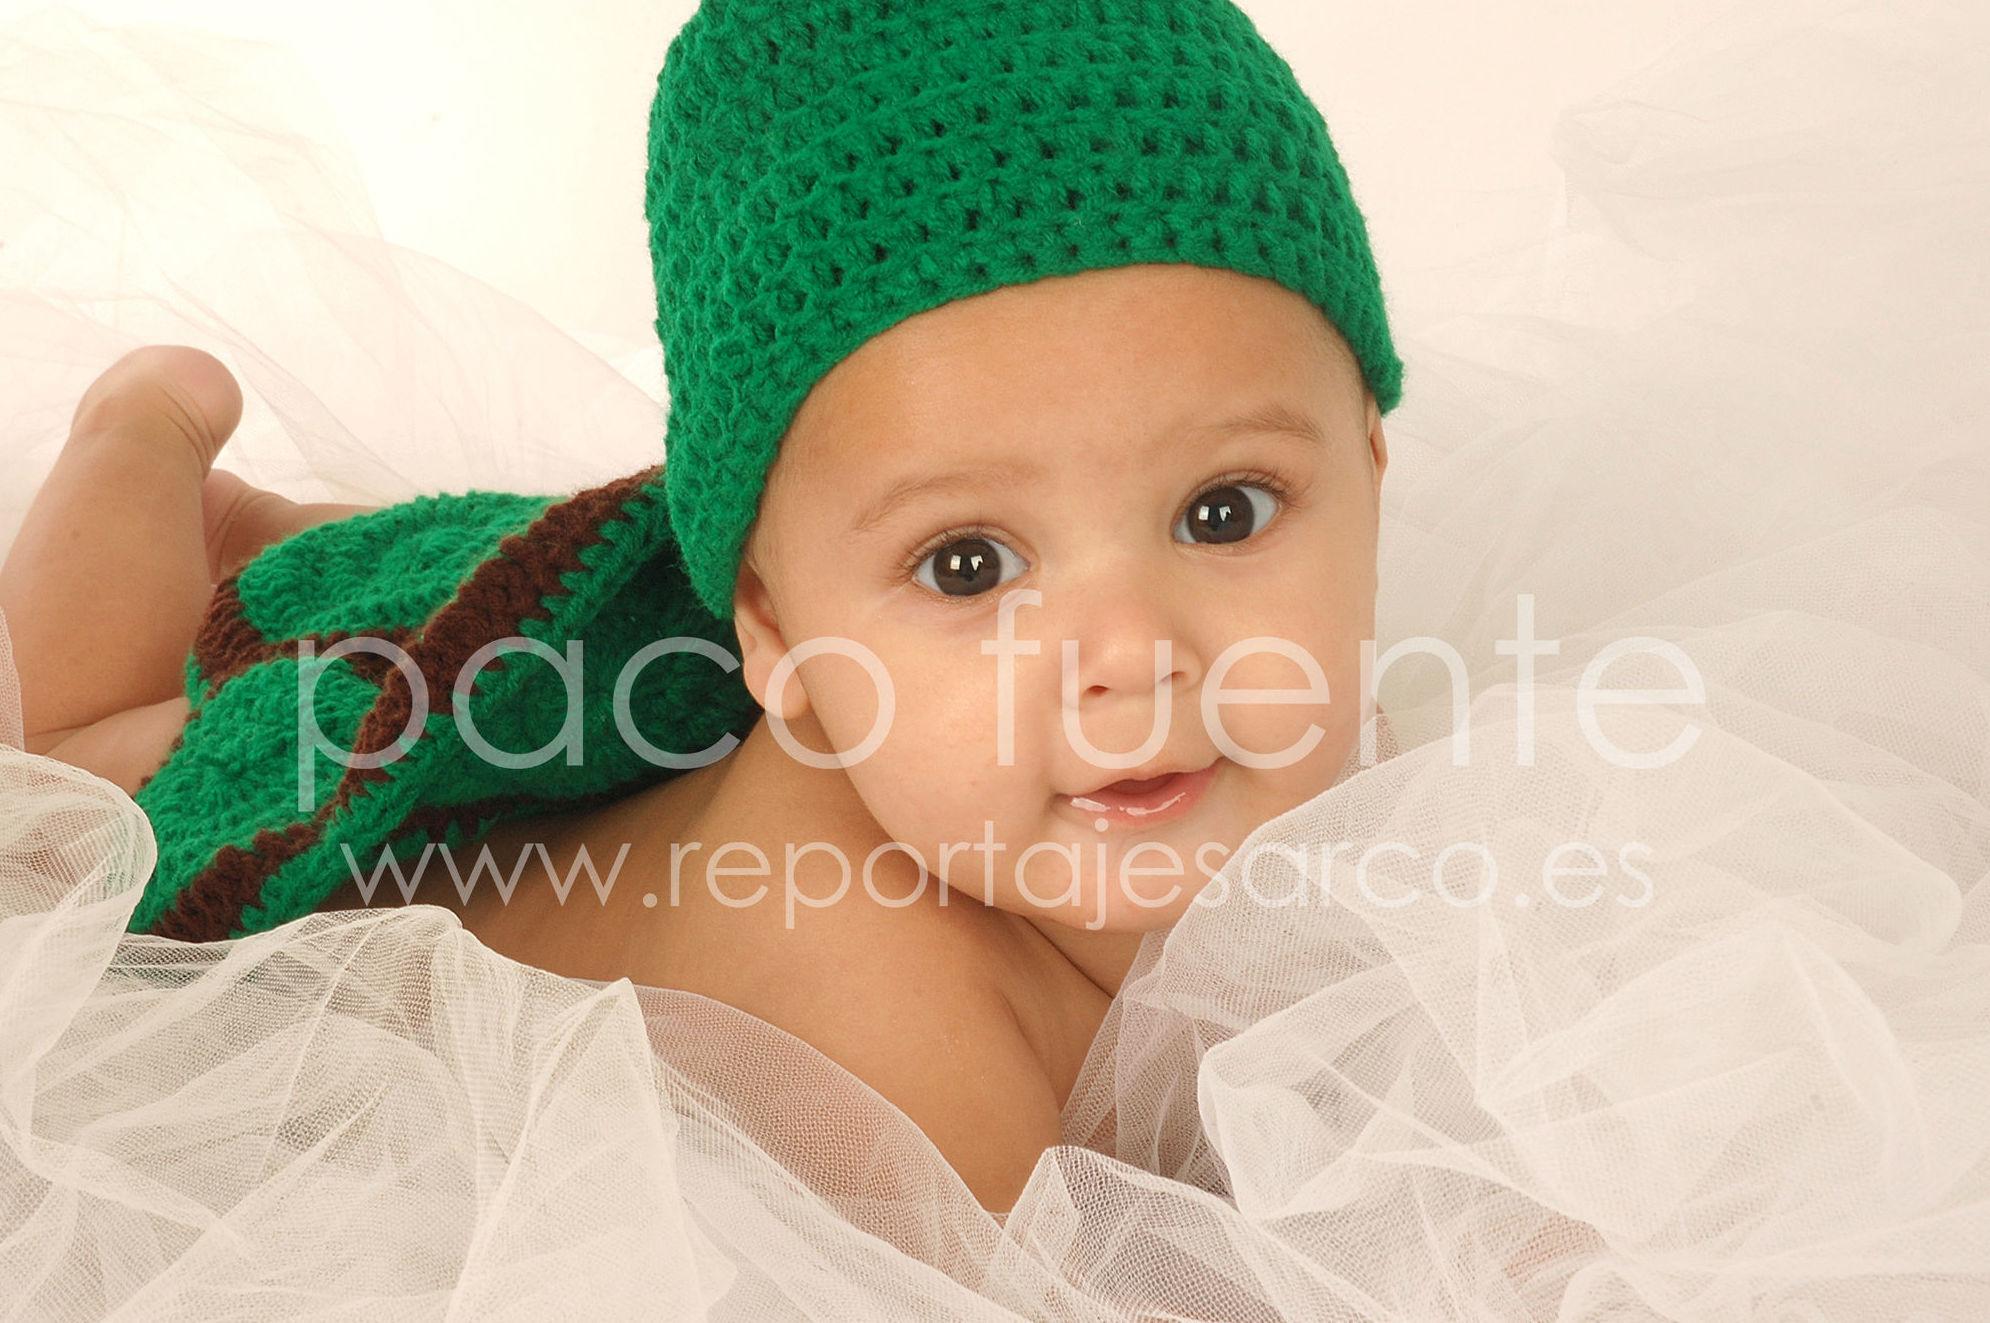 Fotografía de recién nacido en Burgos